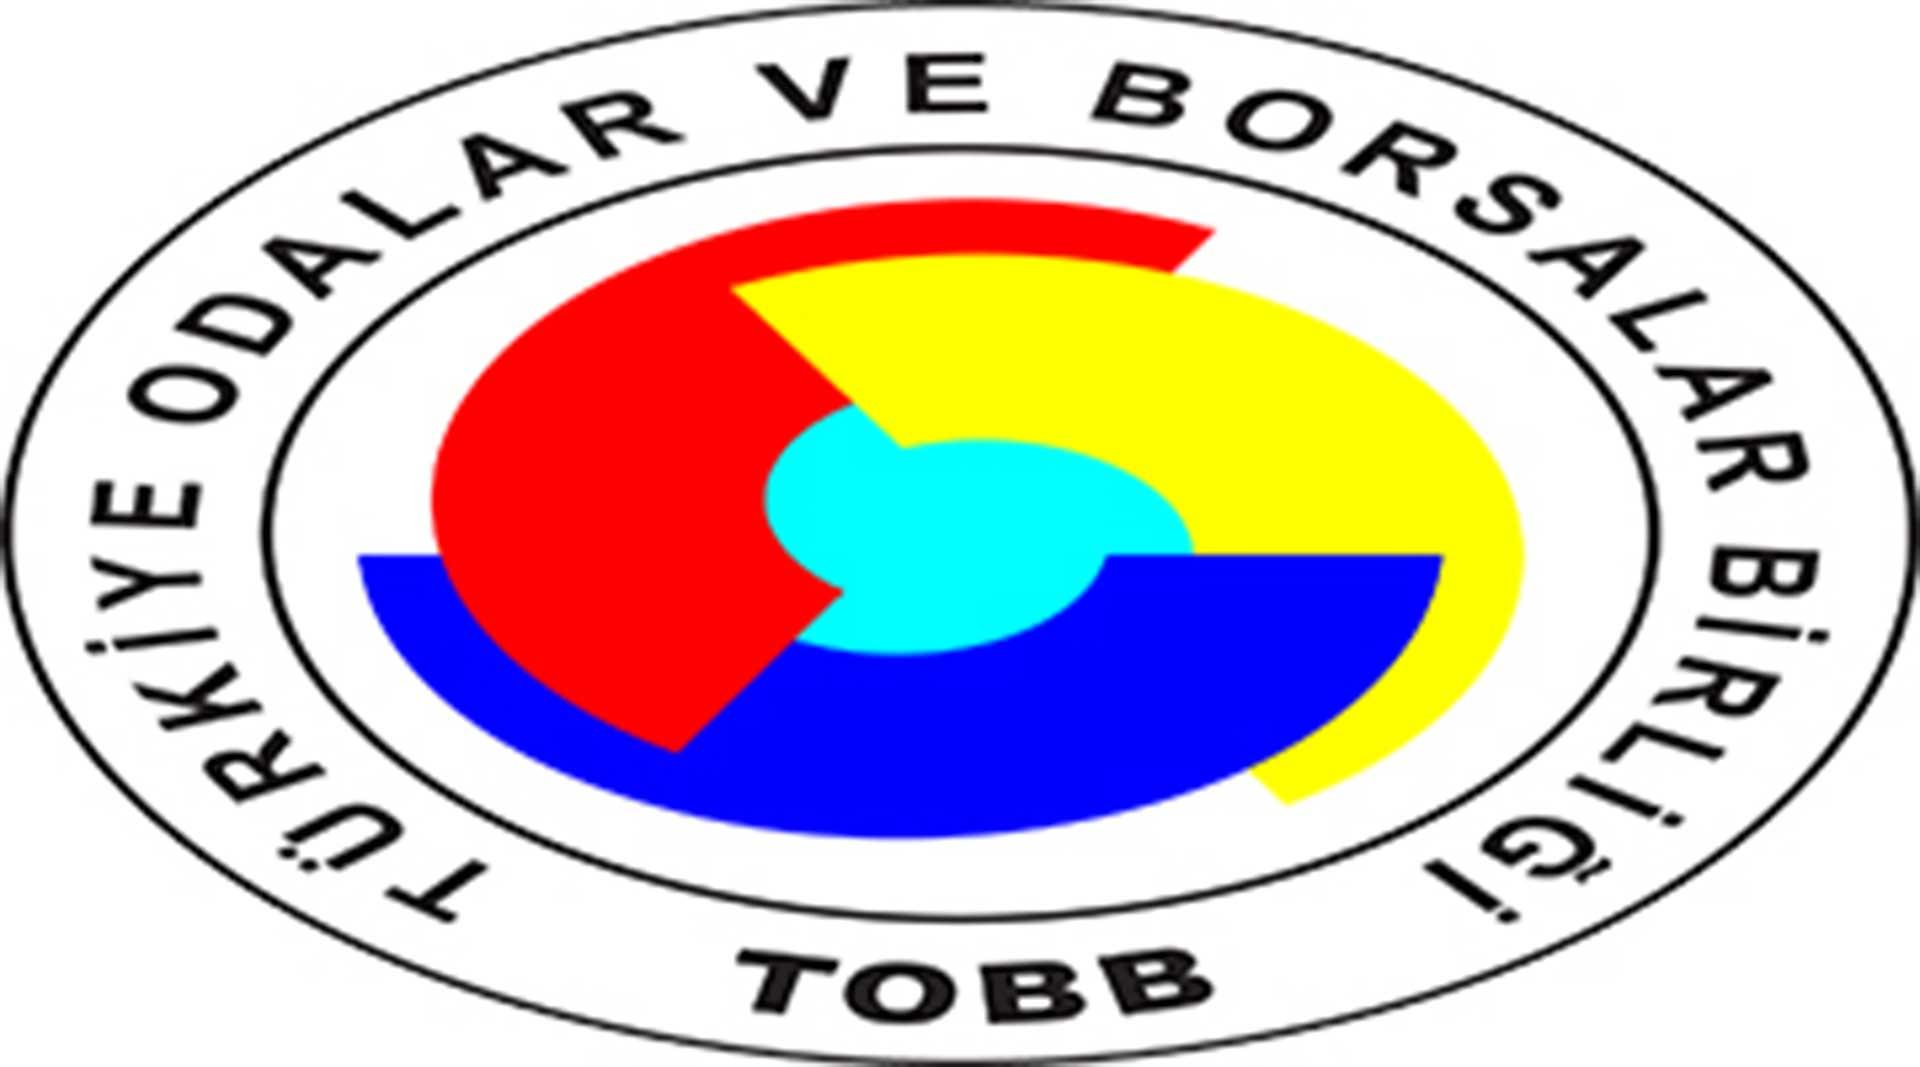 TOBB - KDV Kanunu Hakkında Görüş Talebi